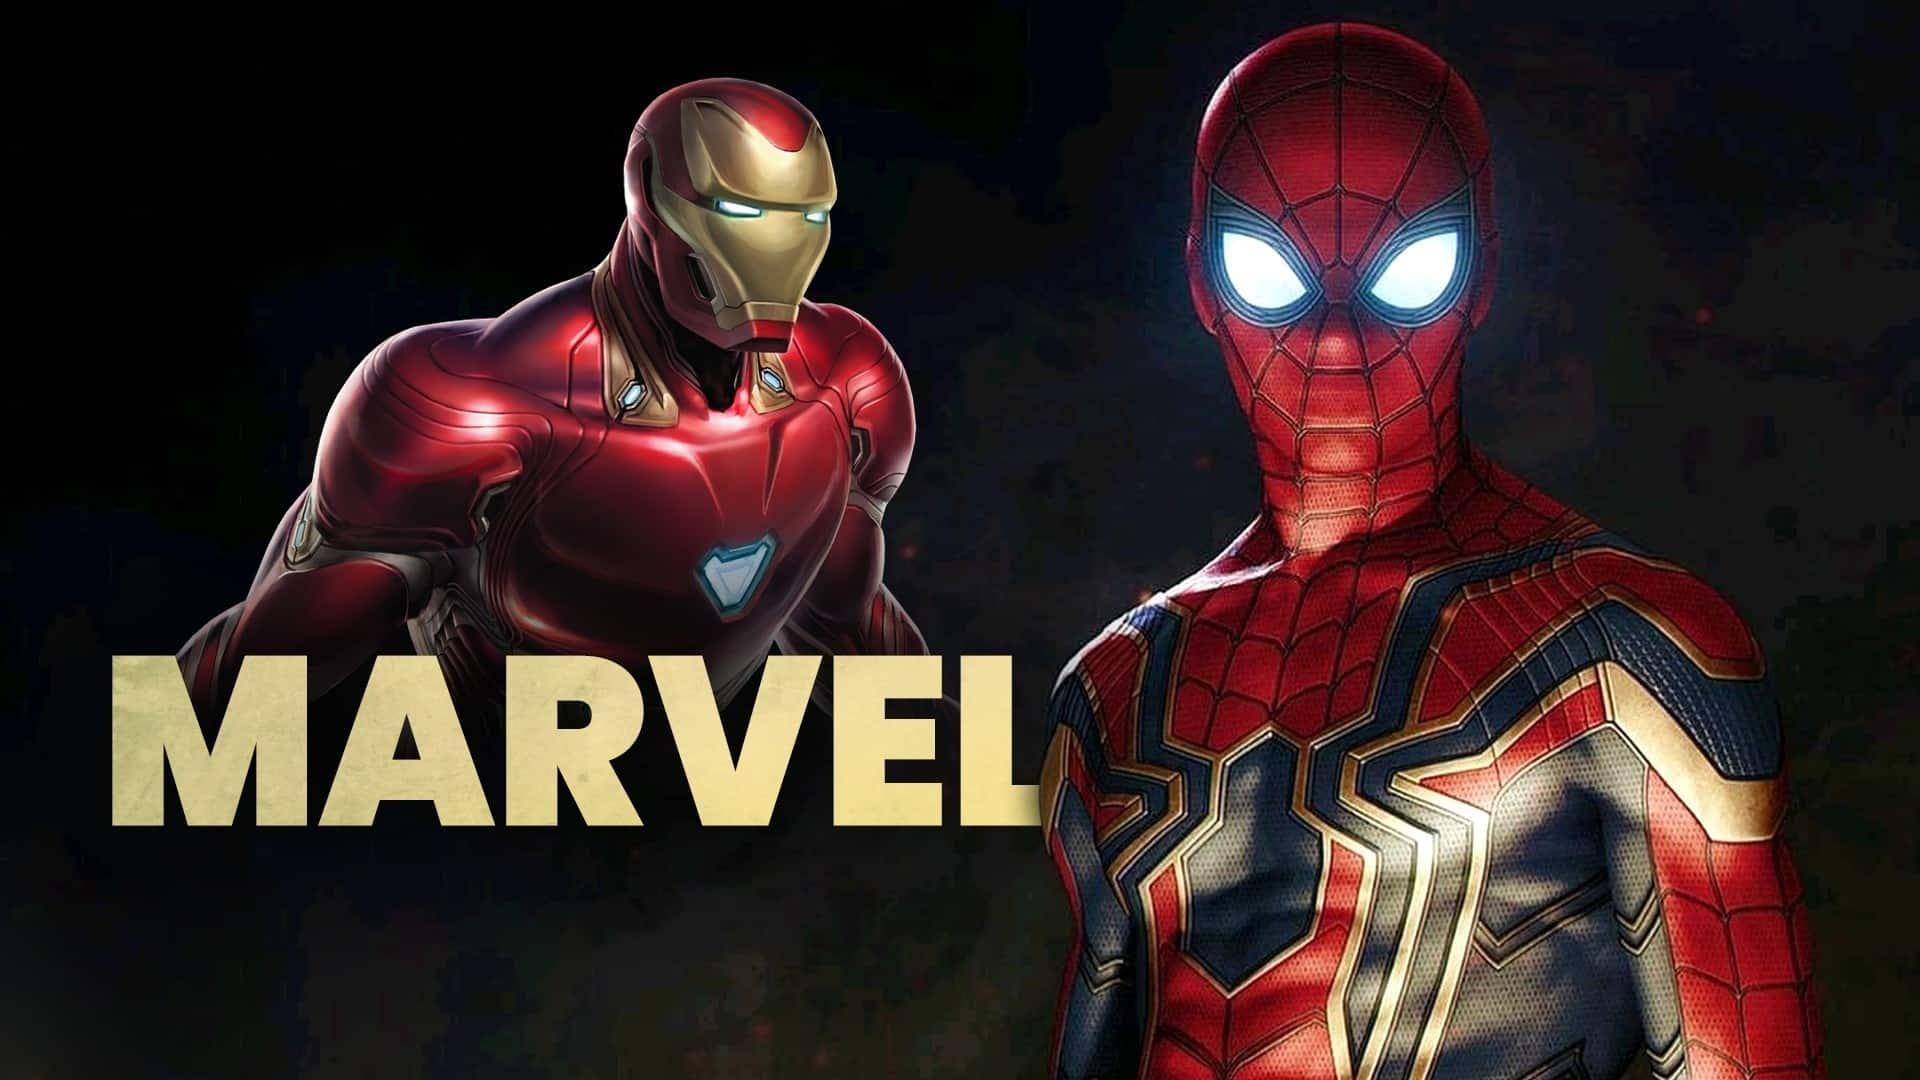 Spider-Man oblek Iron Spider